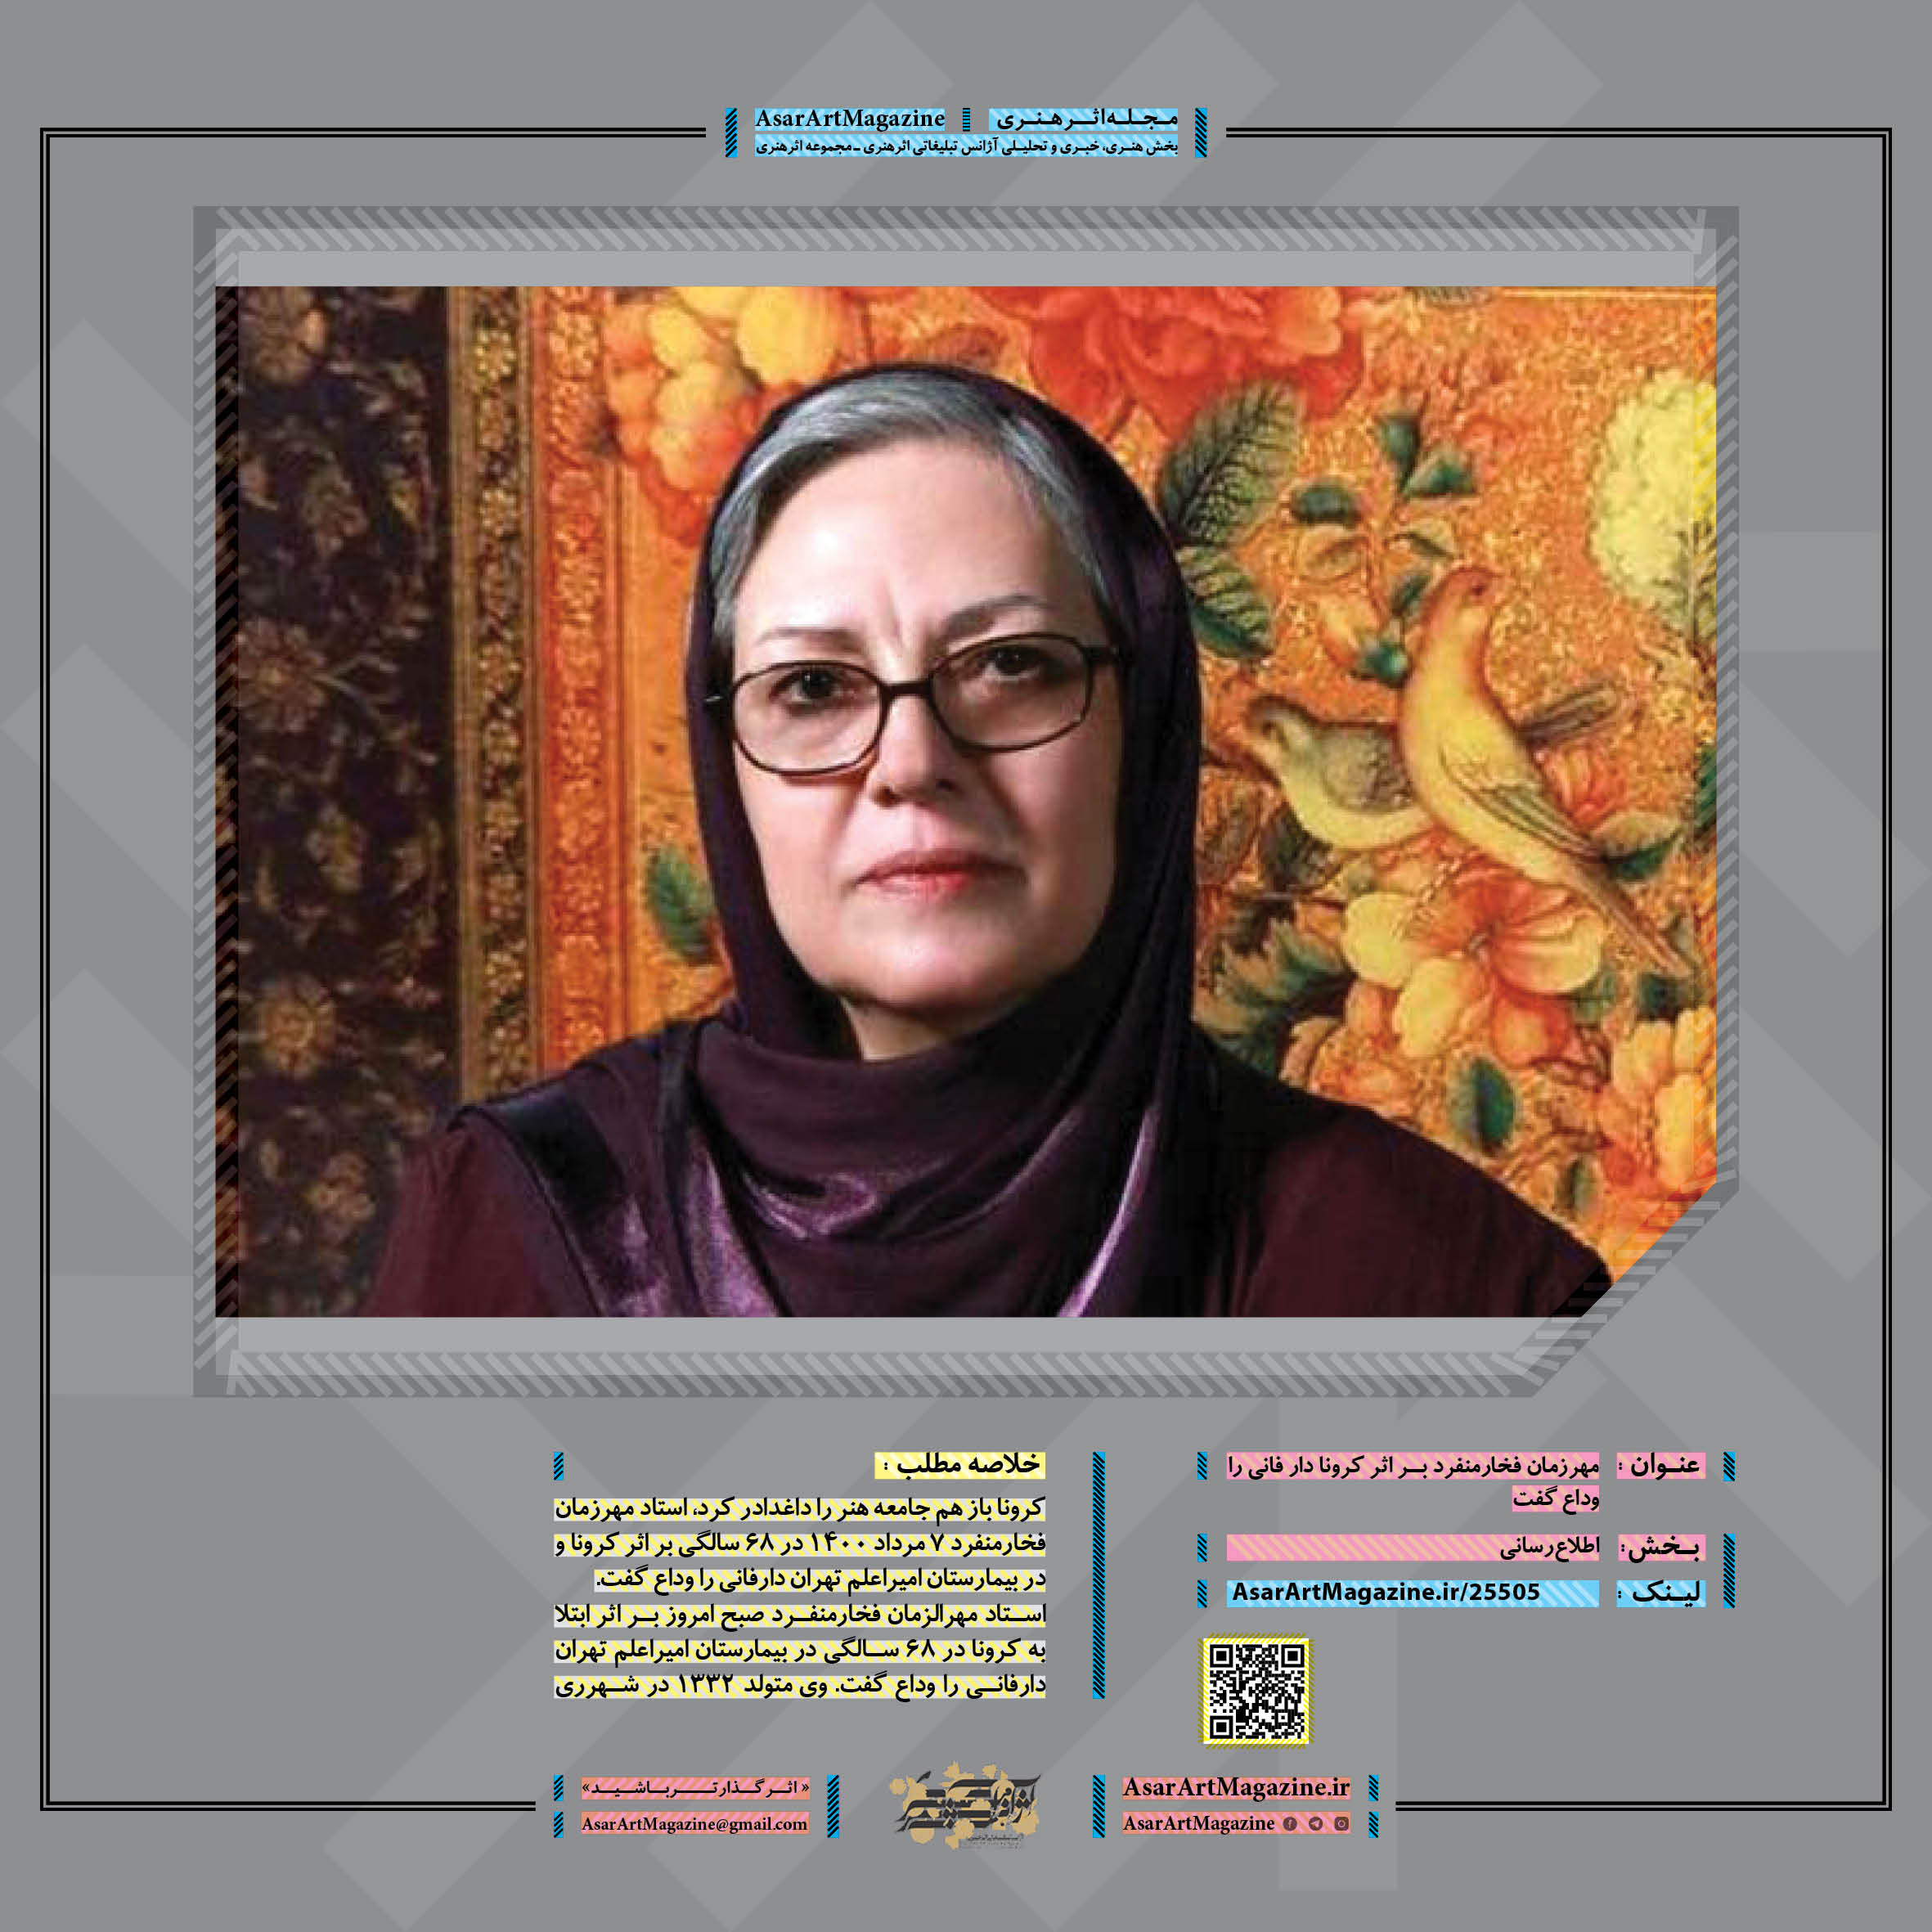 مهرزمان فخارمنفرد بر اثر کرونا دار فانی را وداع گفت  |  مجله اثرهنری، بخش هنری، خبری و تحلیلی مجموعه اثرهنری | مجله اثر هنری  ـ «اثرگذارتر باشید»